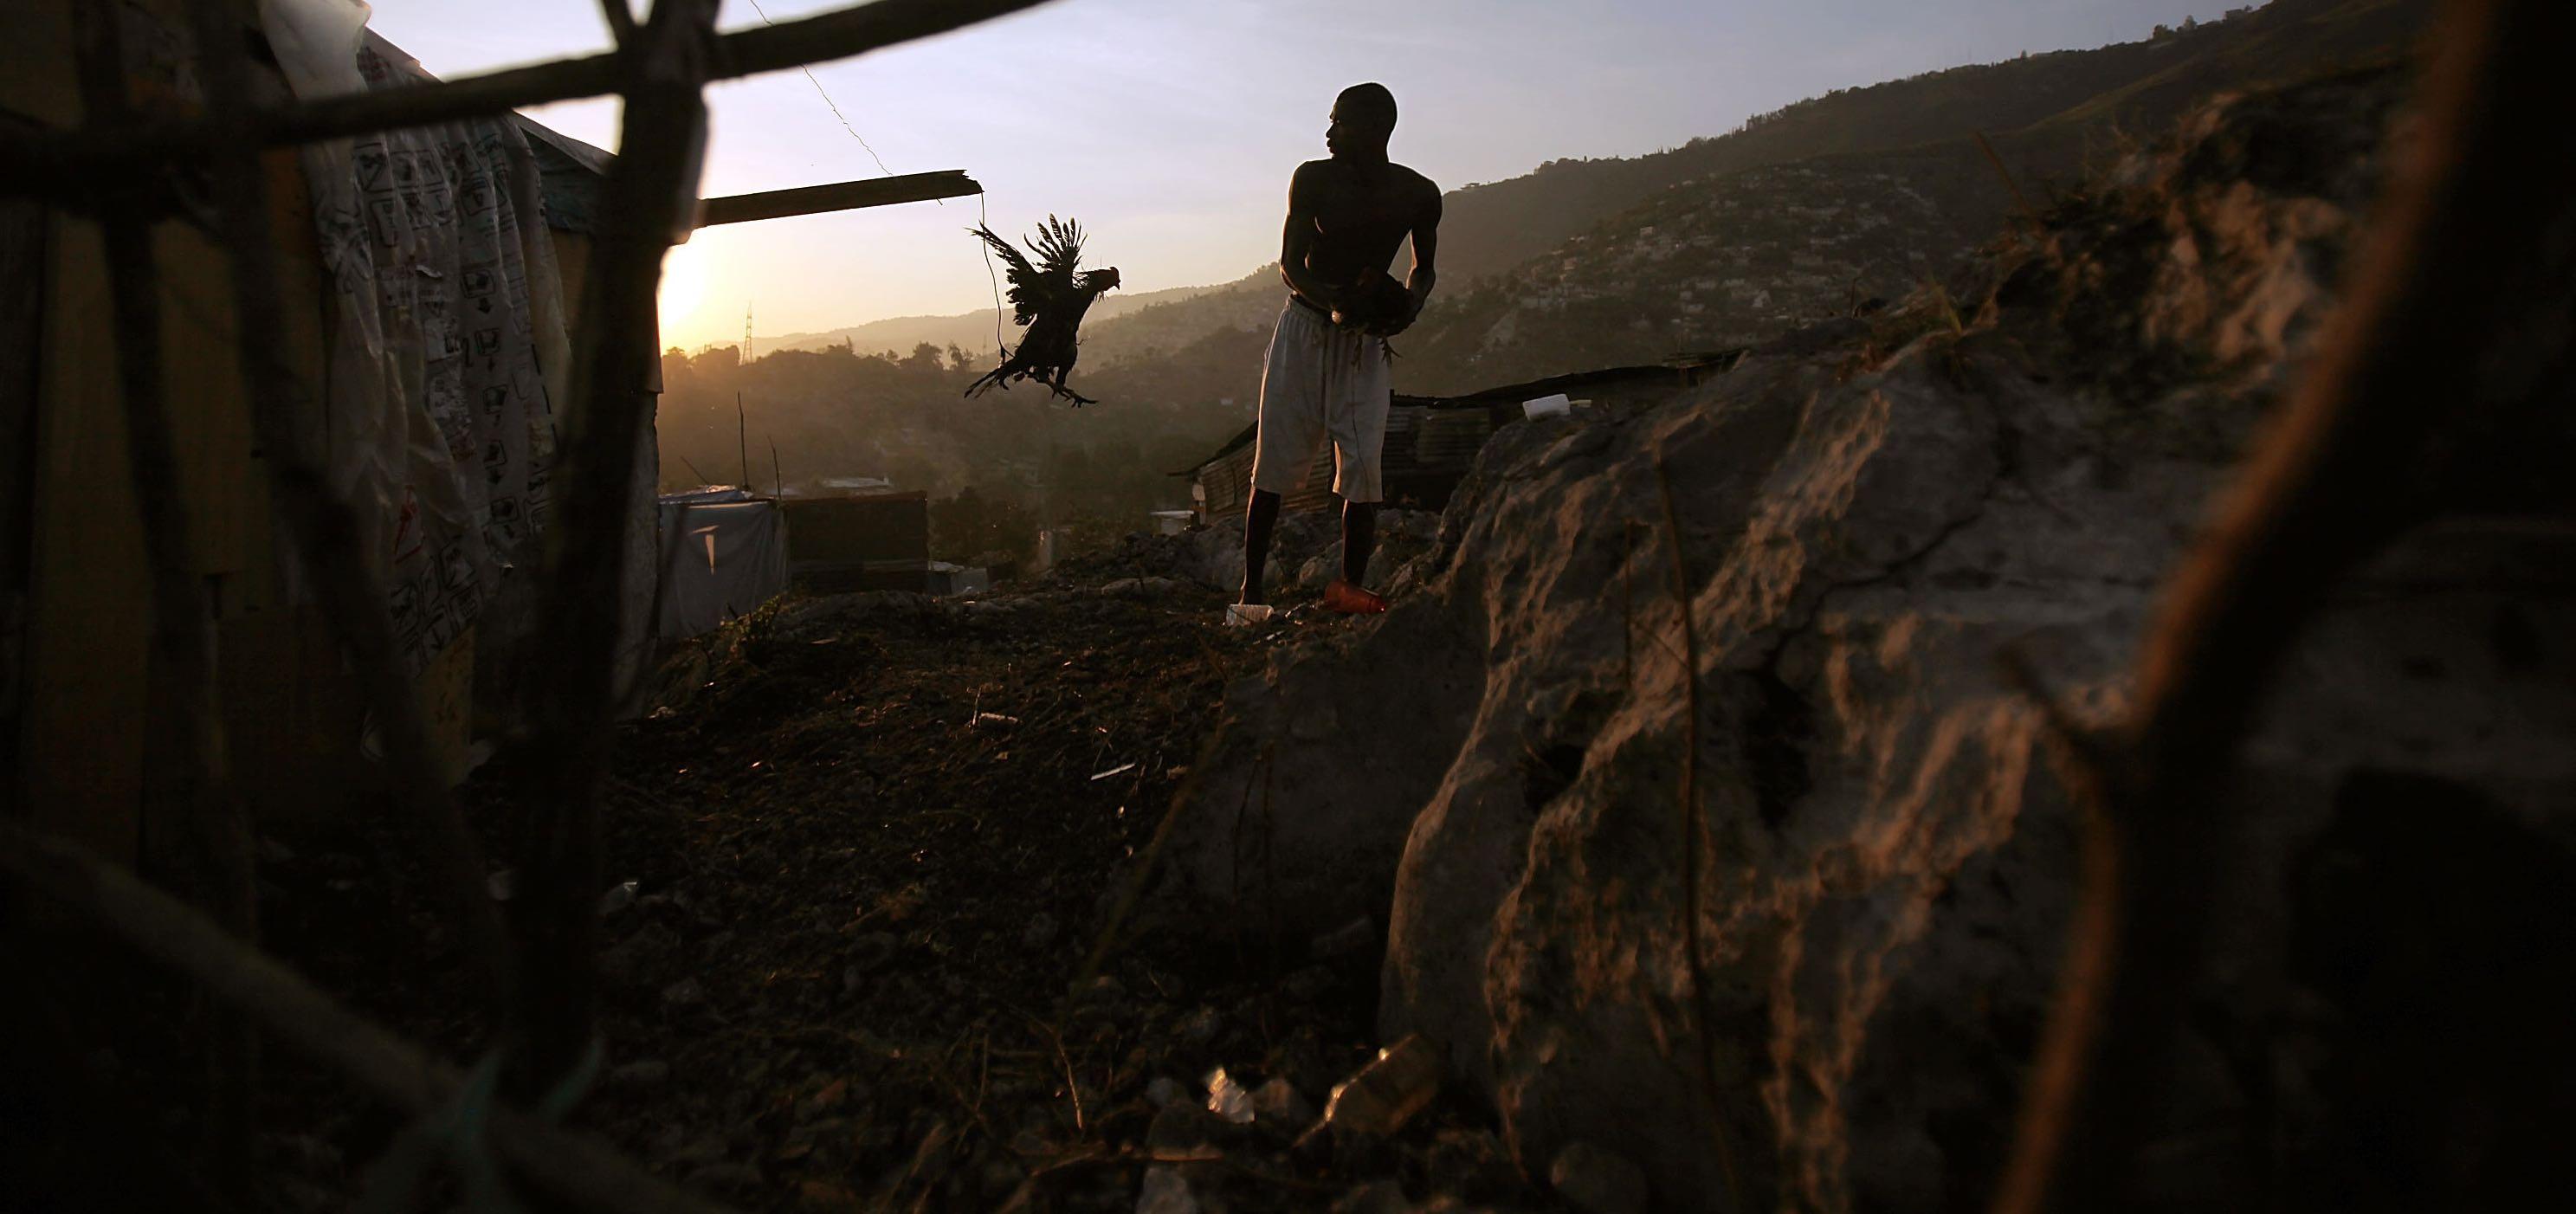 Aftermath of the 2010 Haiti earthquake (Photo: Mario Tama/Getty)